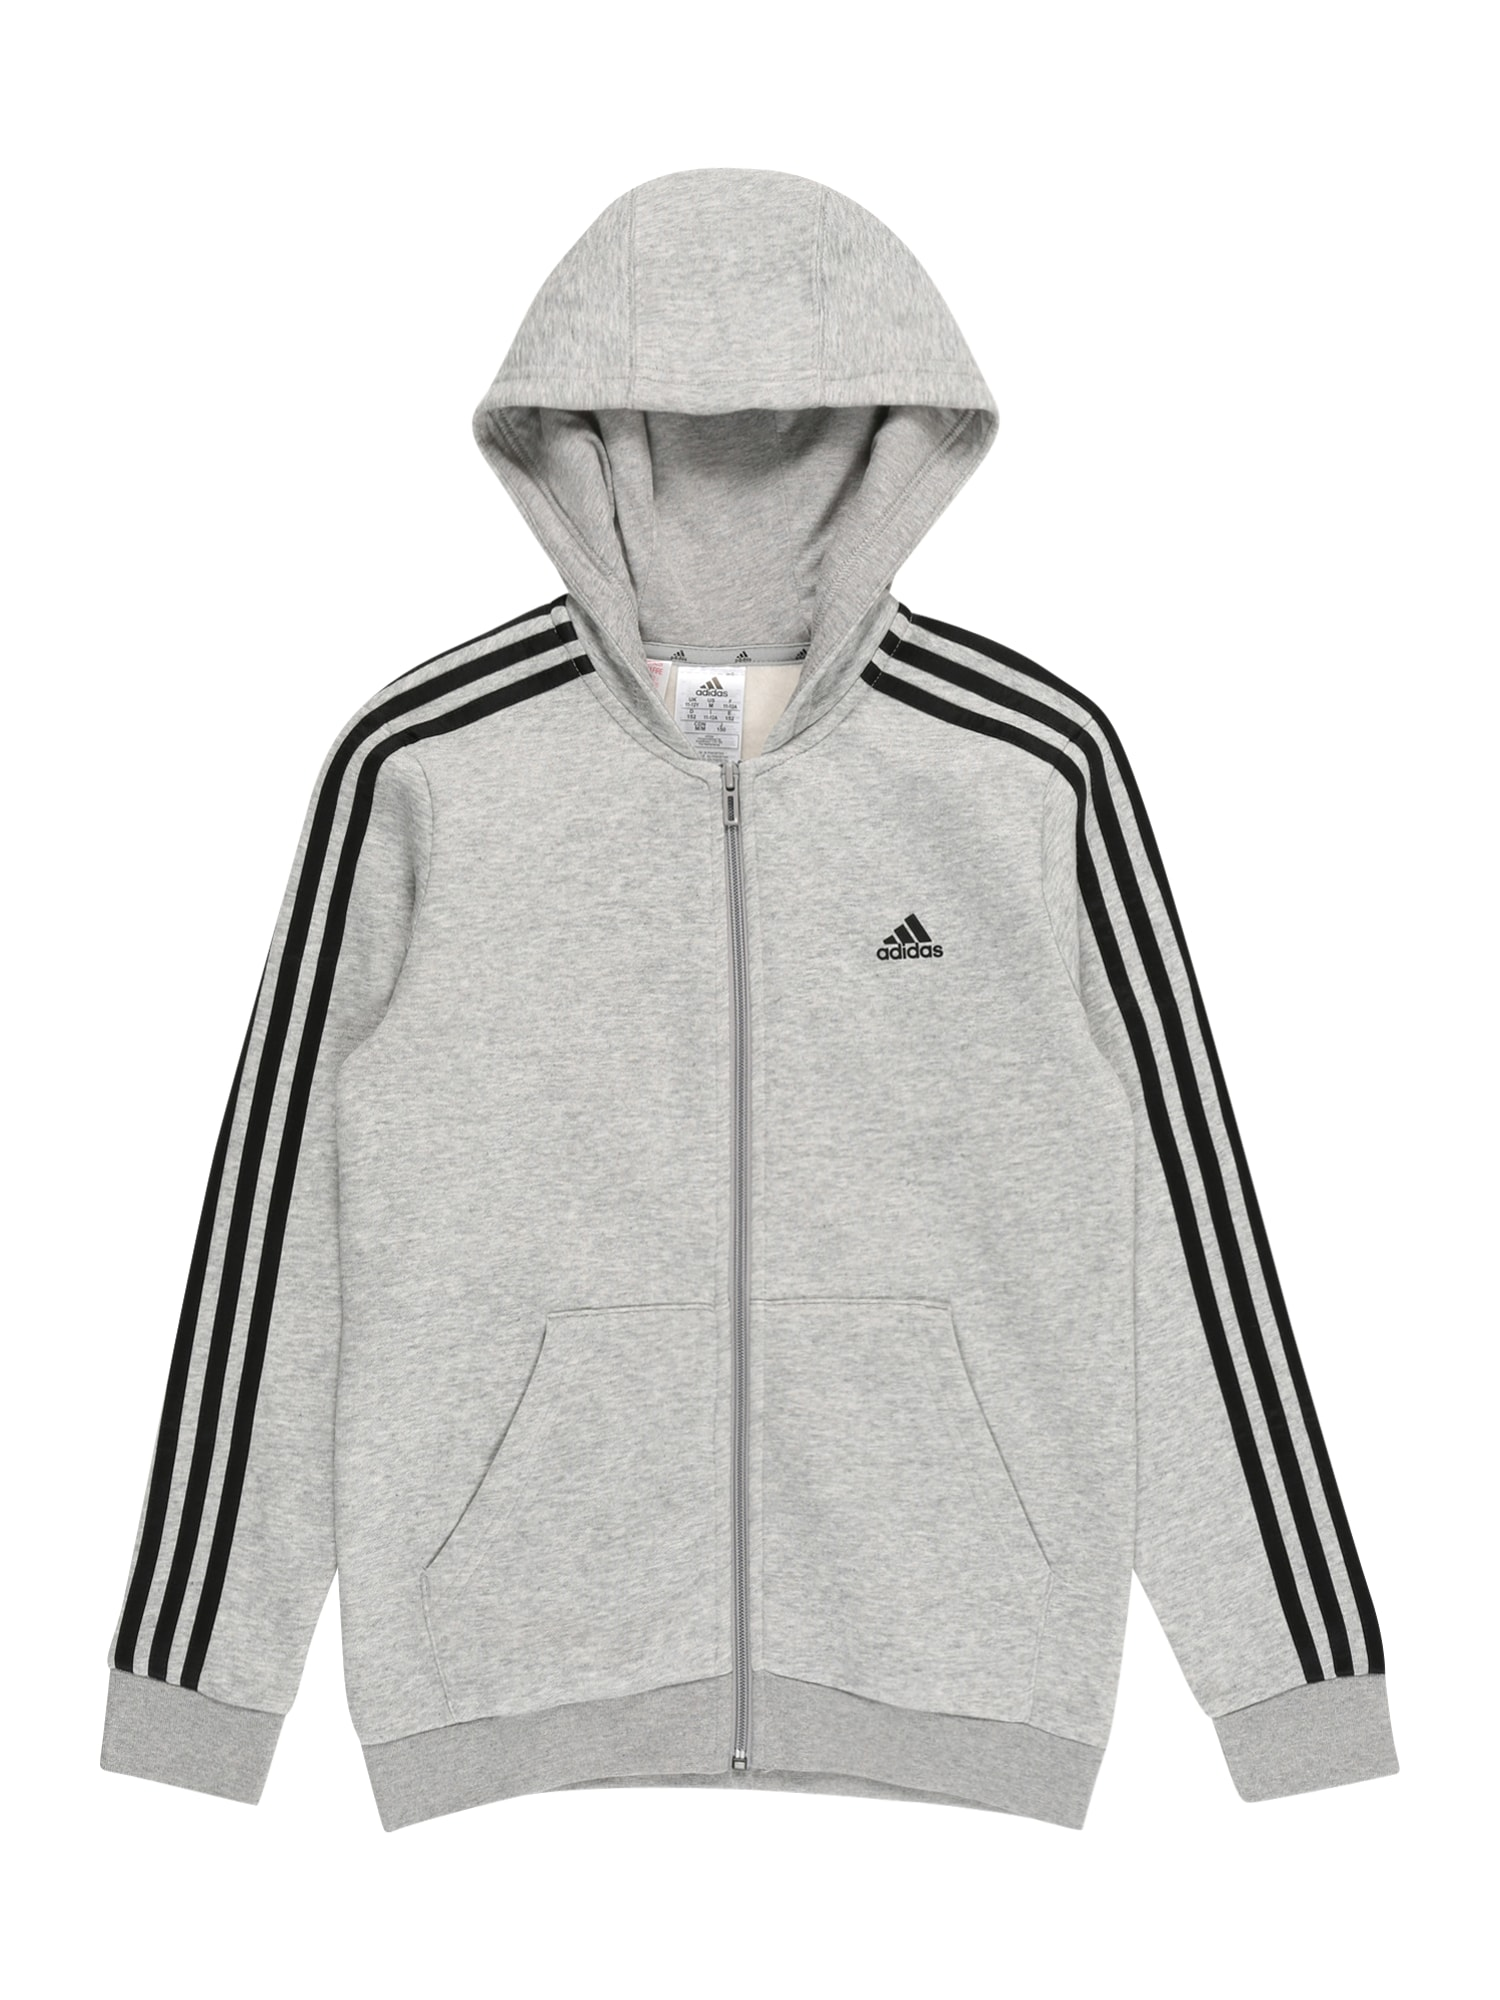 ADIDAS PERFORMANCE Sportinis džemperis pilka / juoda